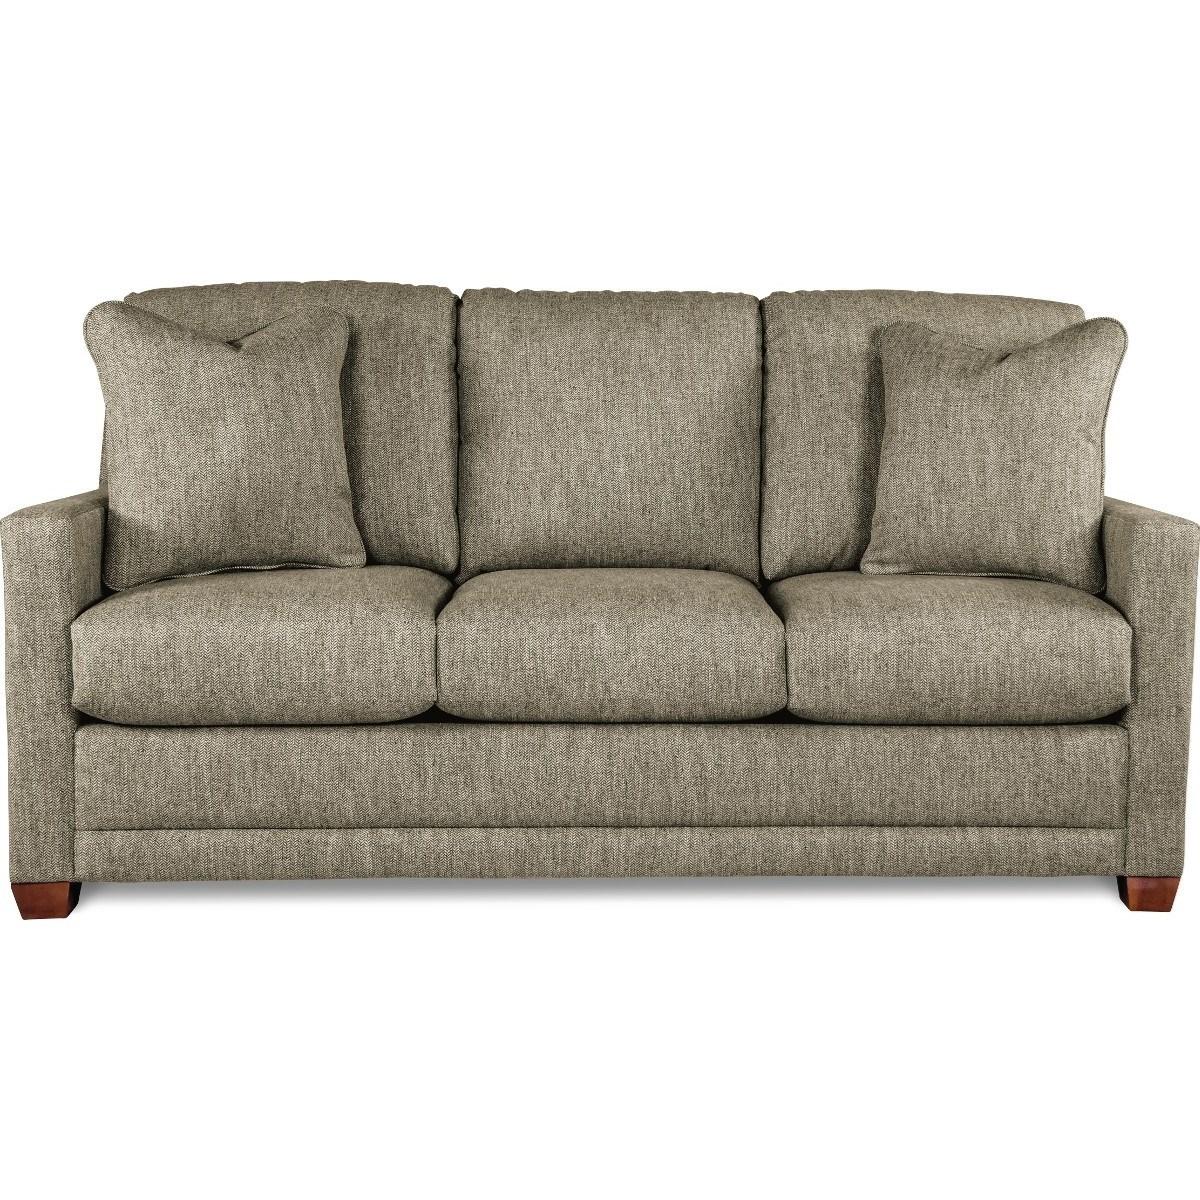 Supreme-Comfort Queen Sofa Sleeper